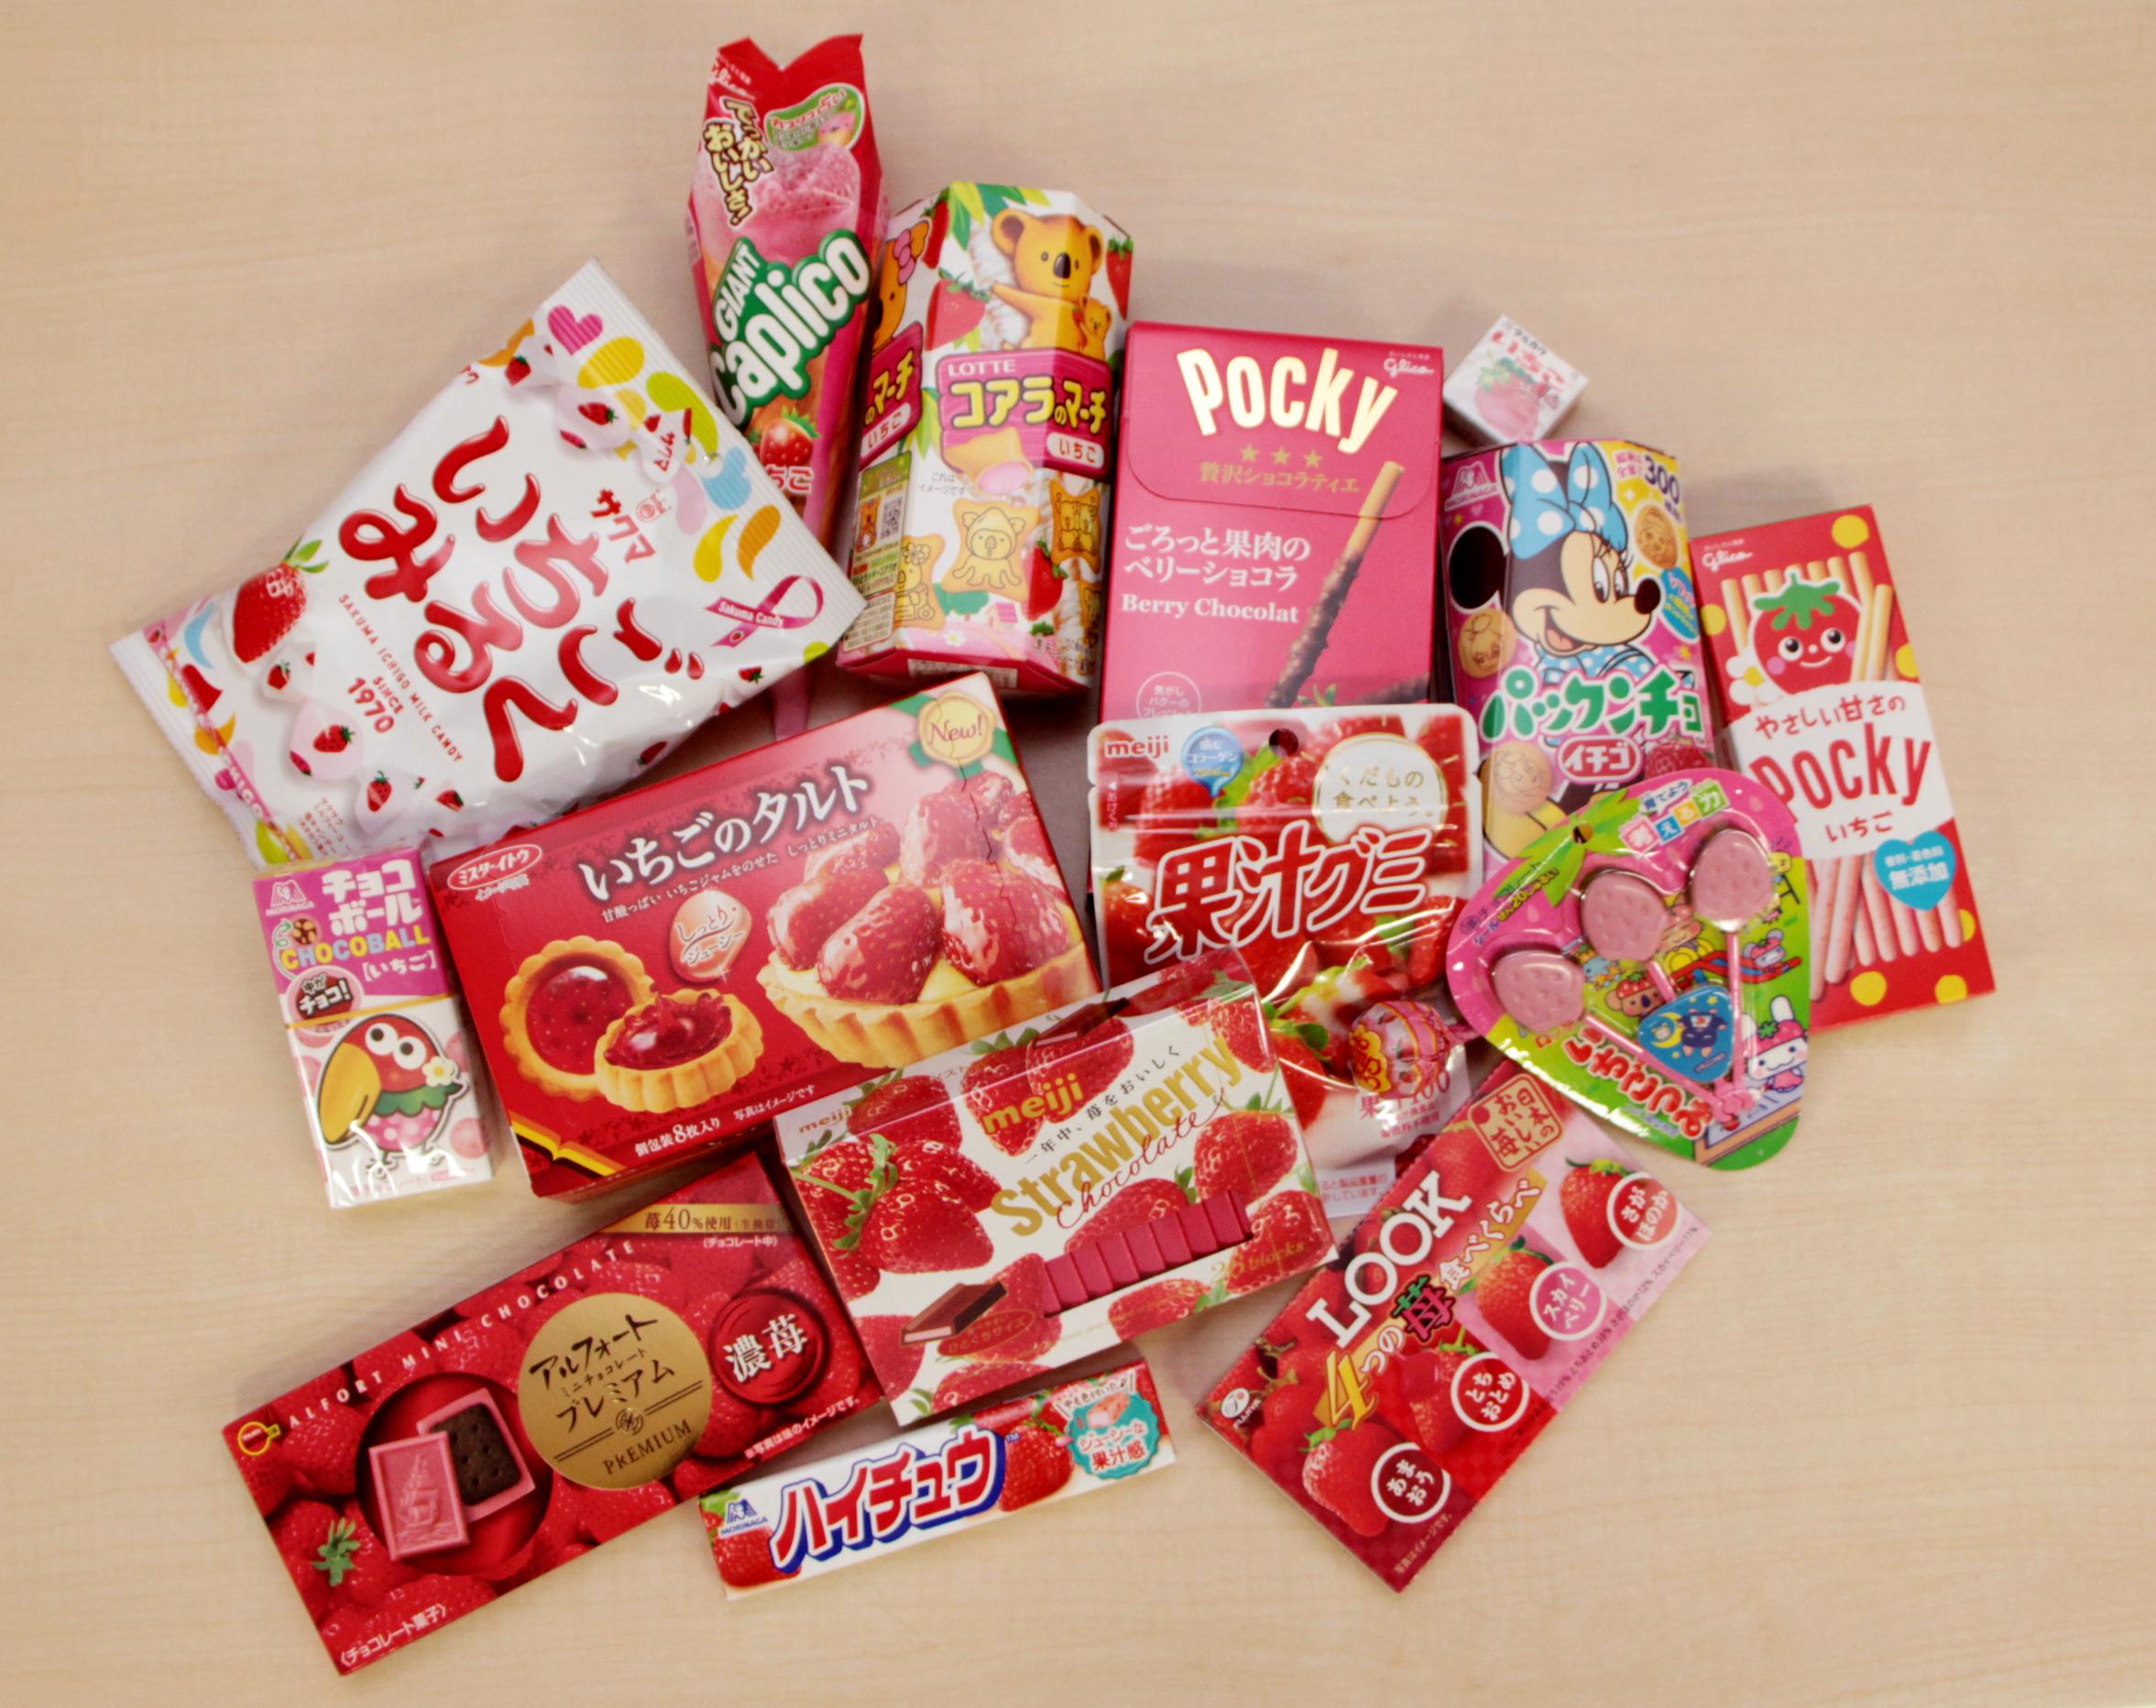 いちごのお菓子セットをプレゼント!